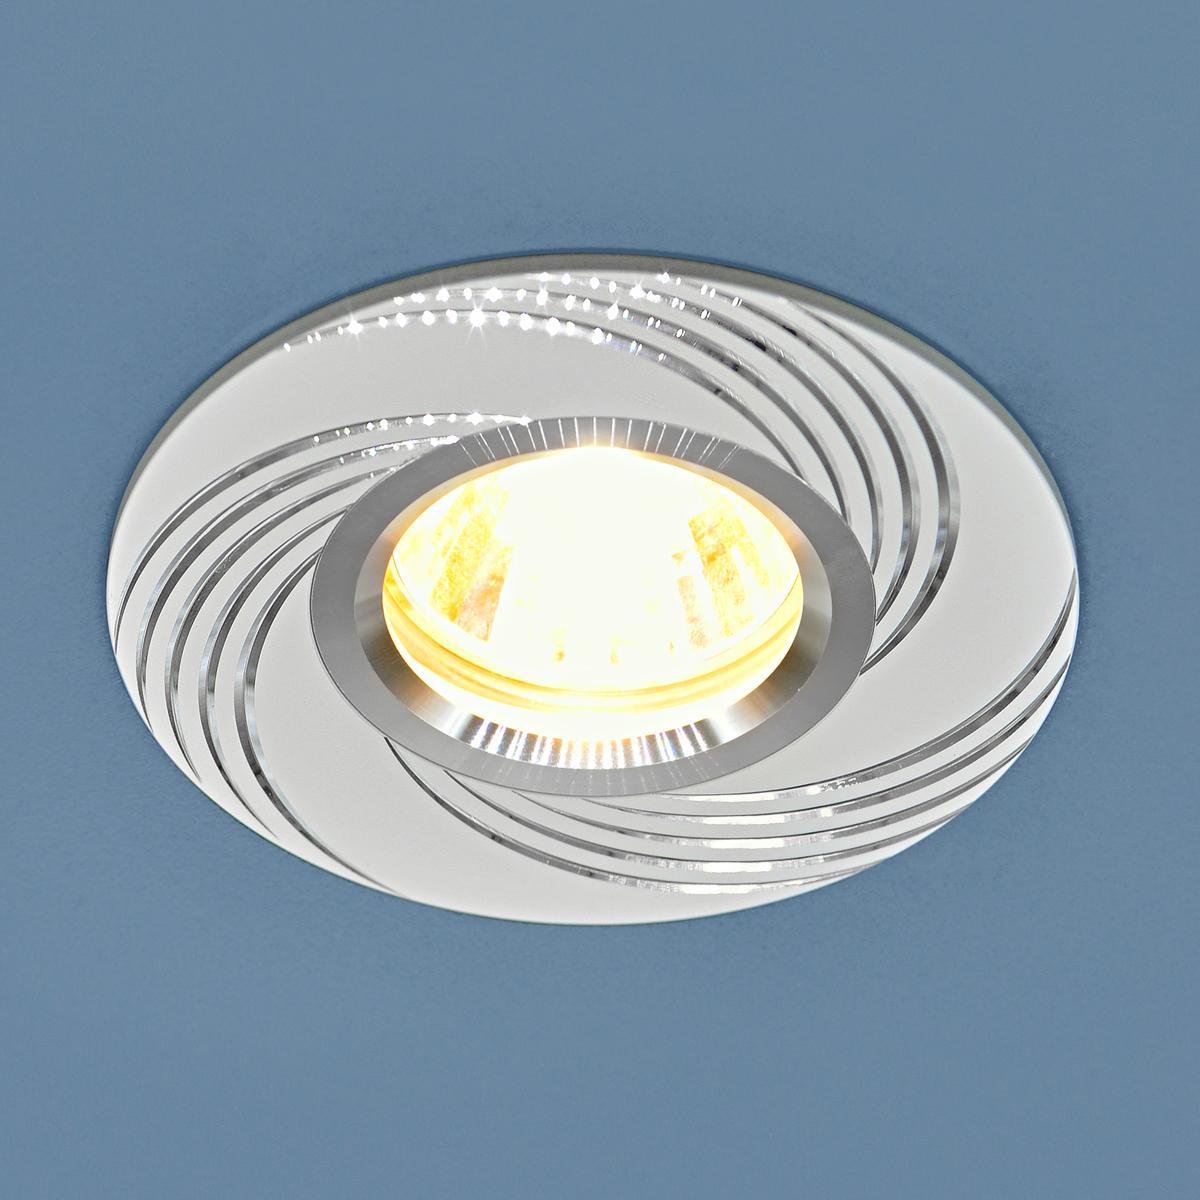 Точечный светильник Elektrostandard 5156 MR16 WH белый